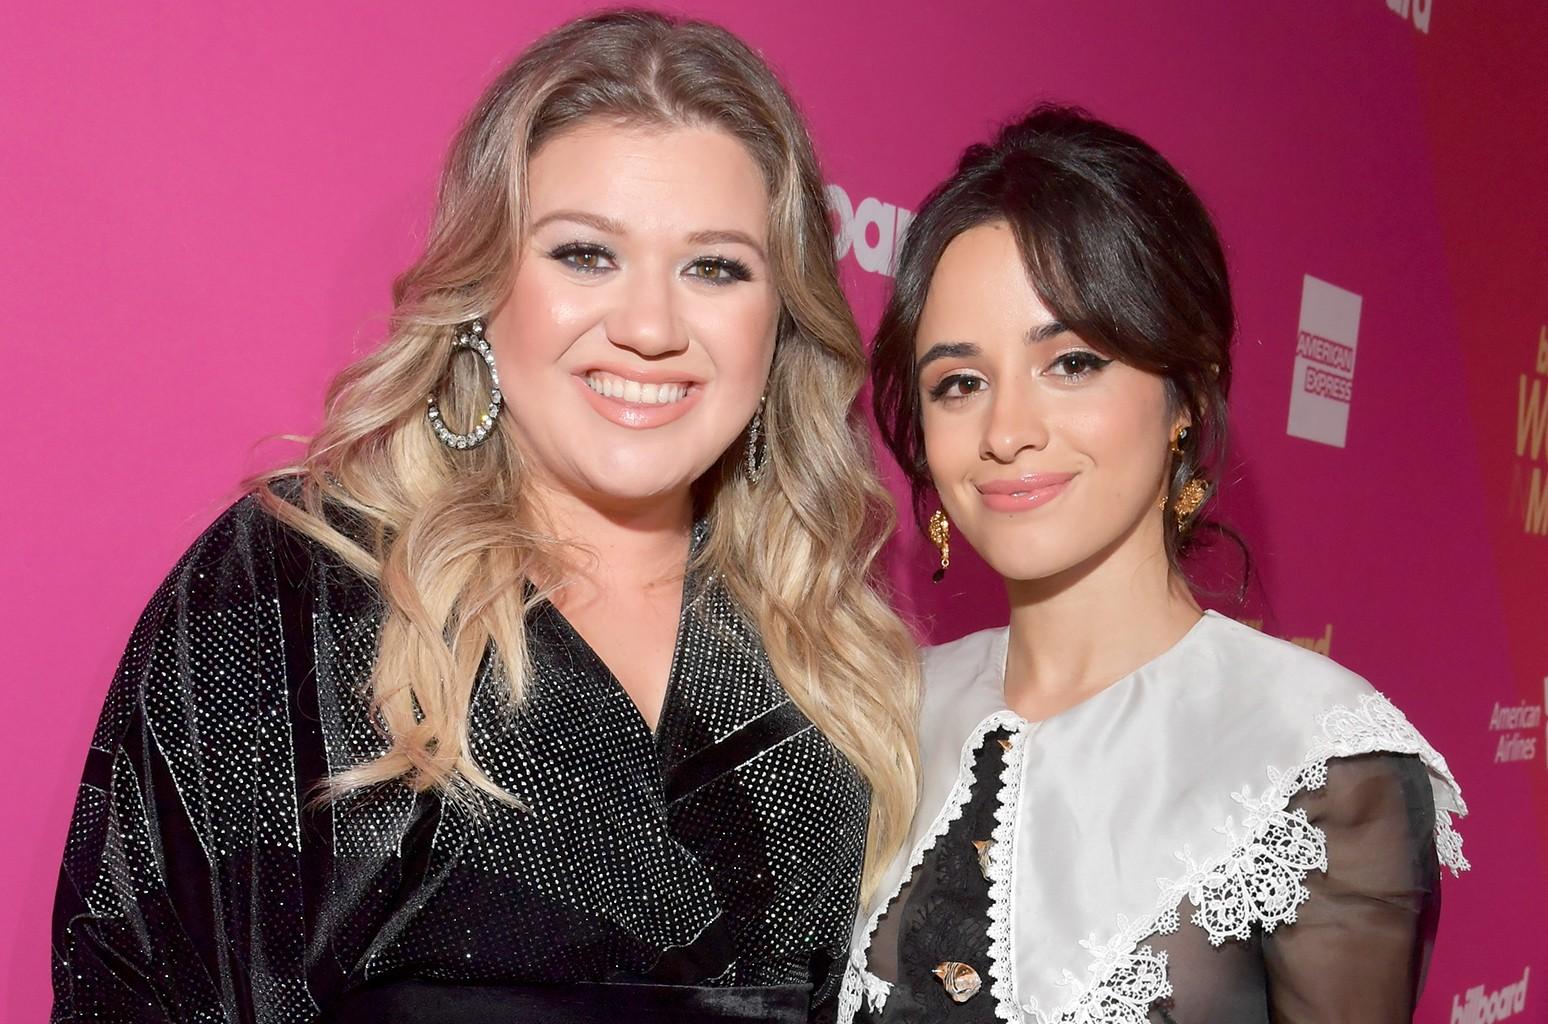 Kelly Clarkson & Camila Cabello